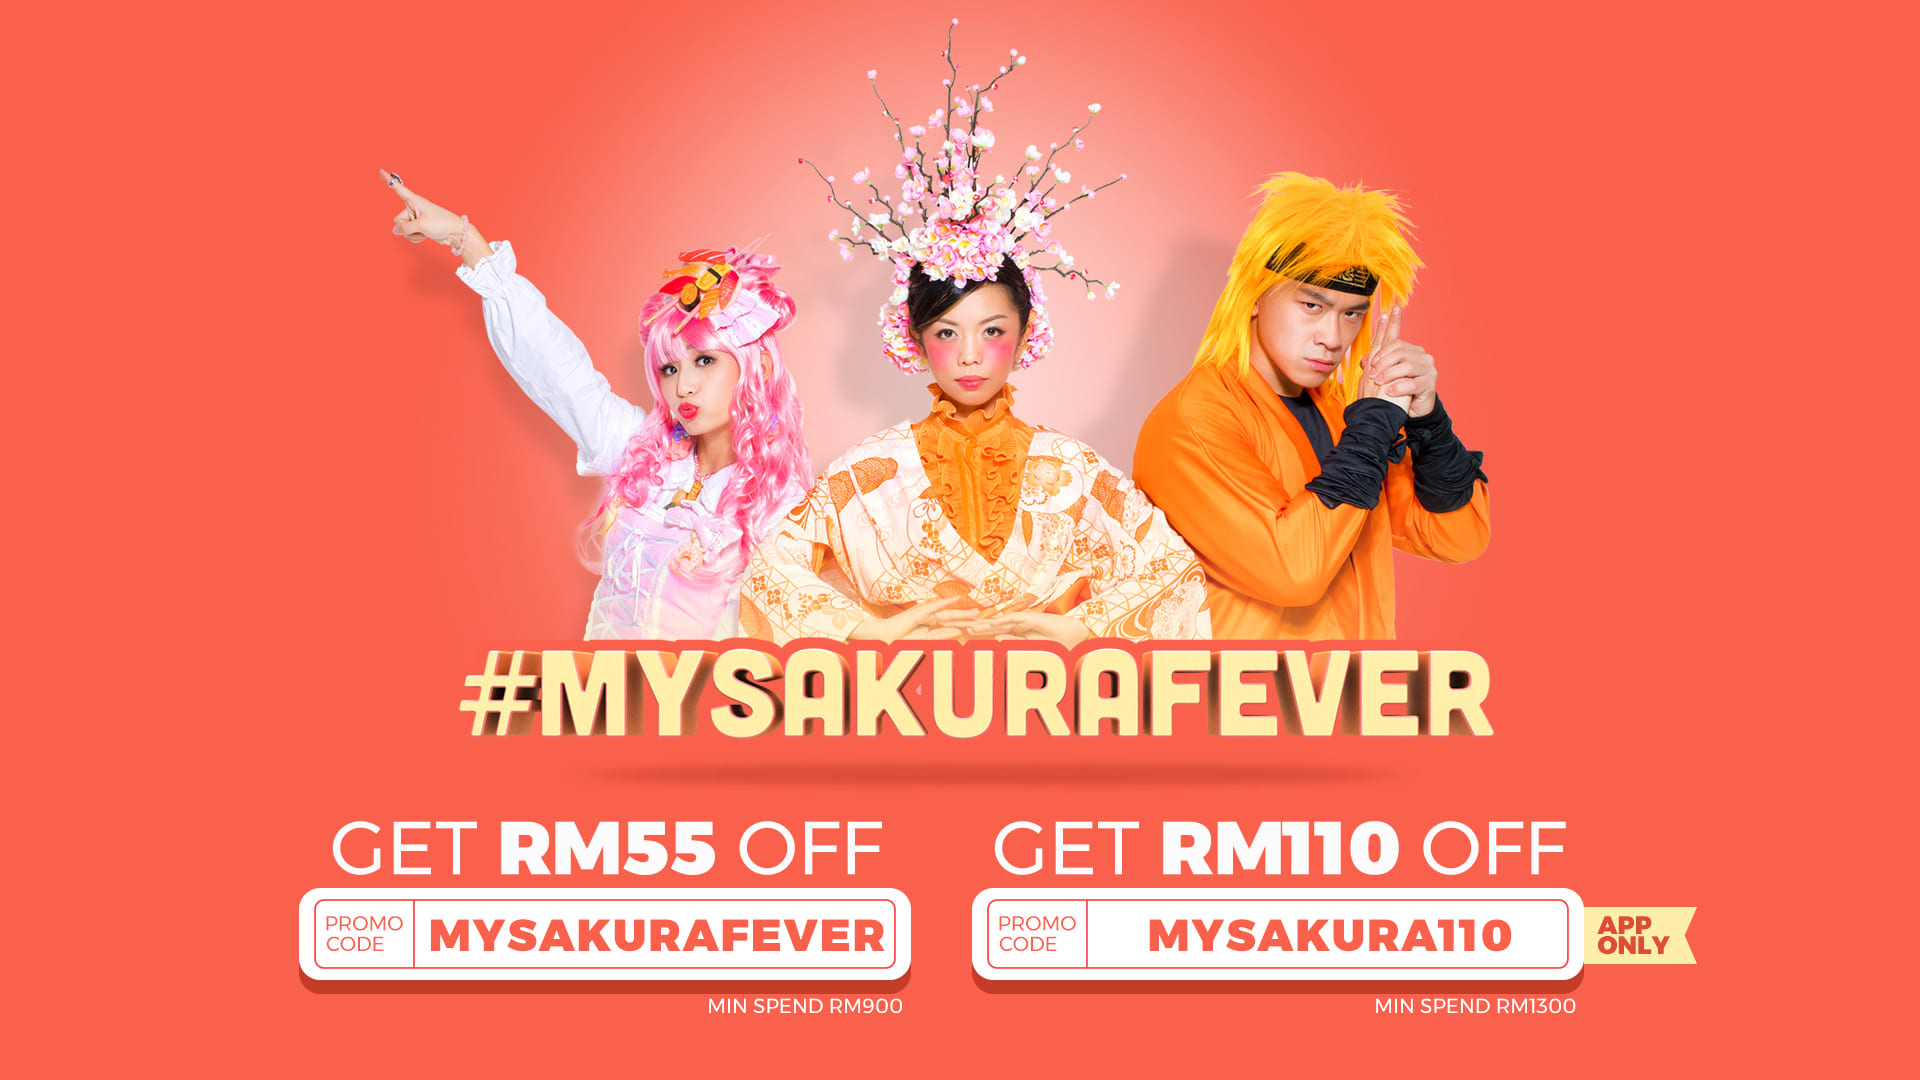 #MySakuraFever cover image